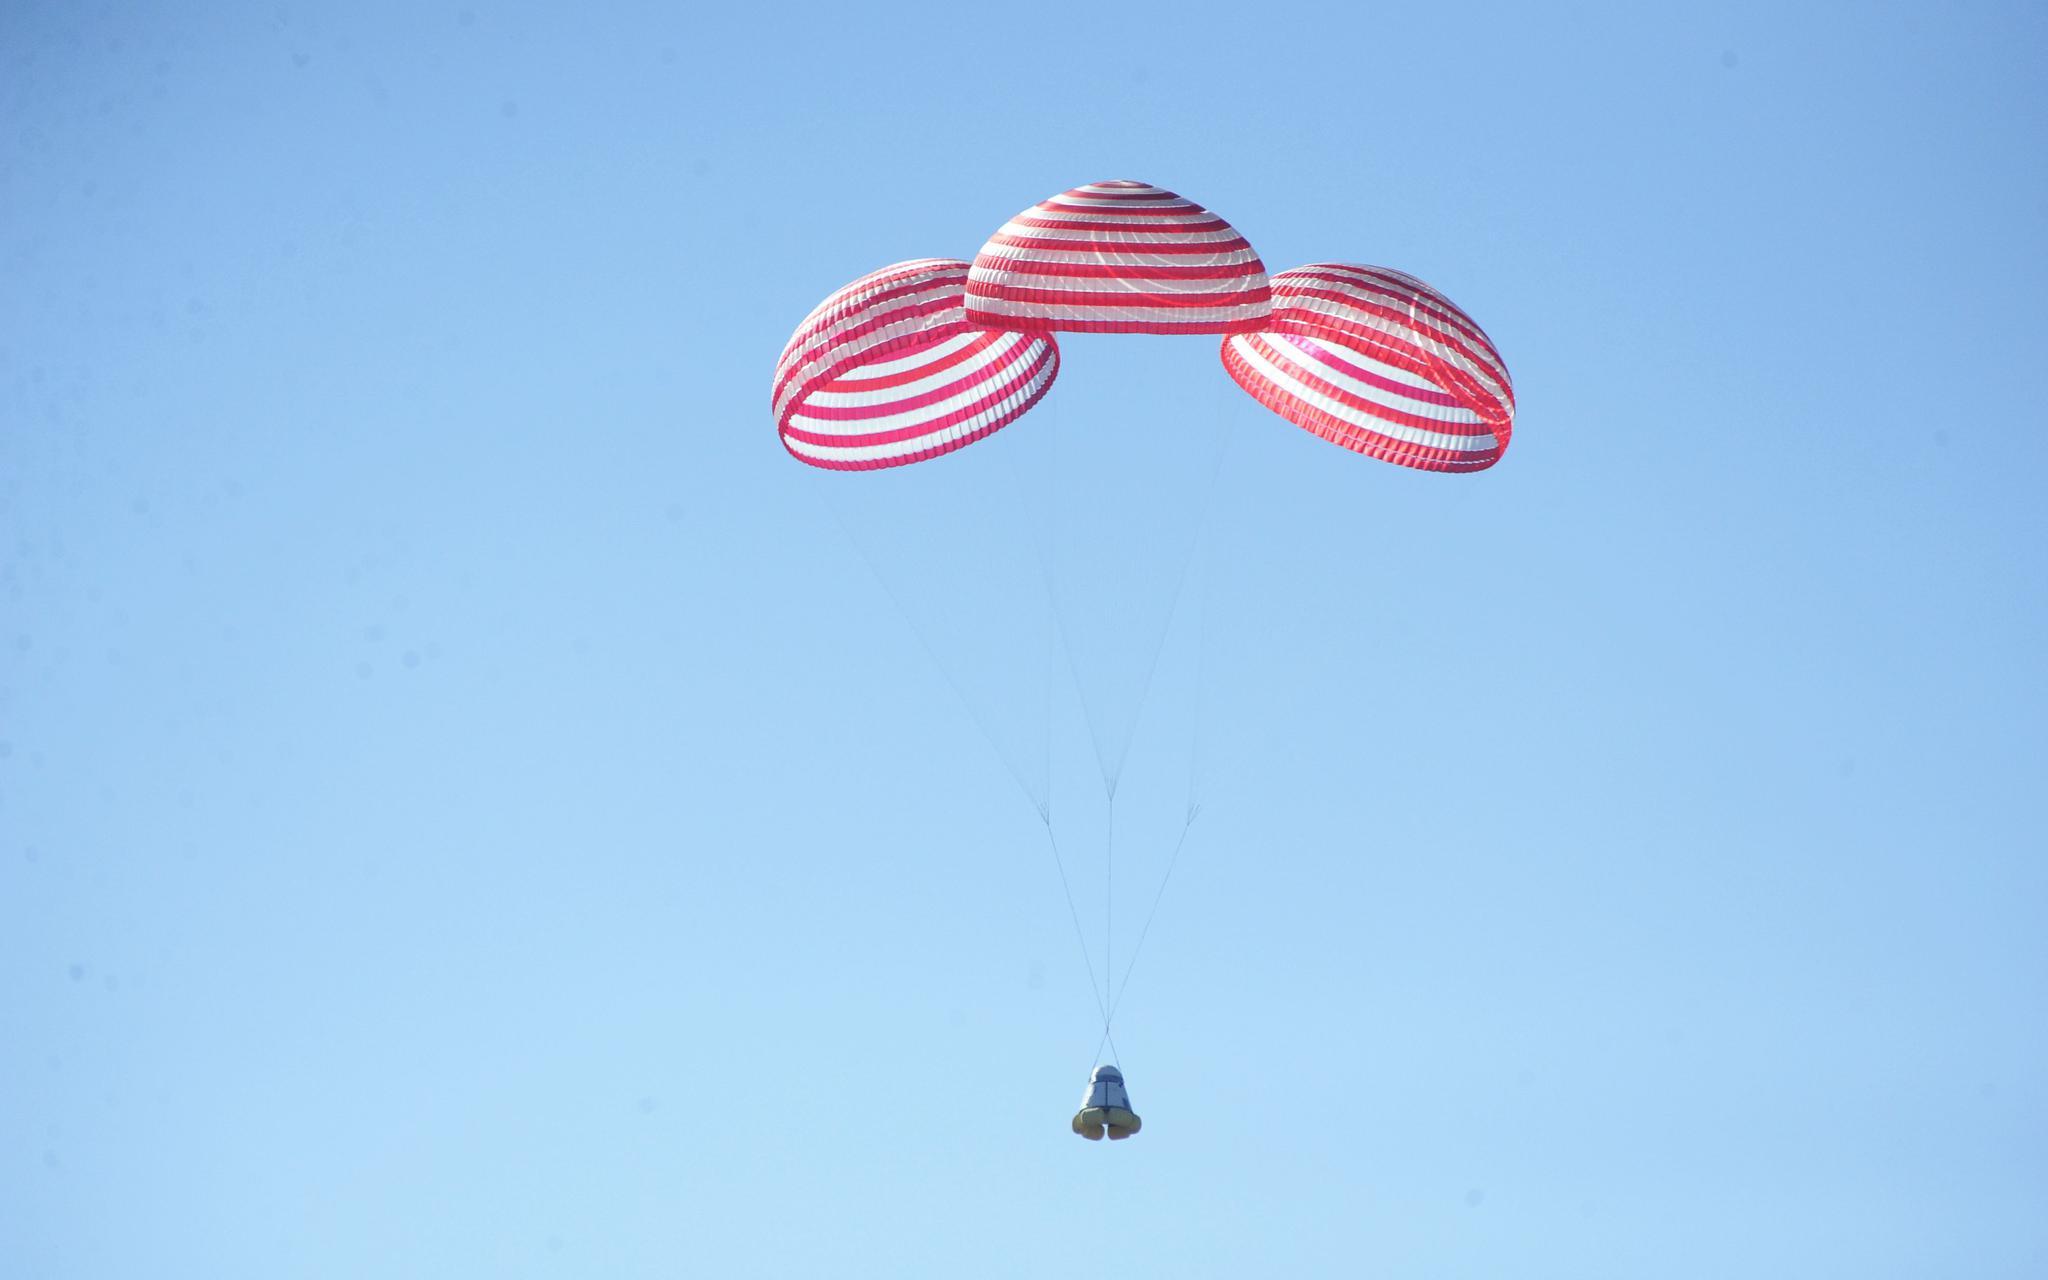 前期返回舱群伞返回试验现场。航天科技集团五院供图